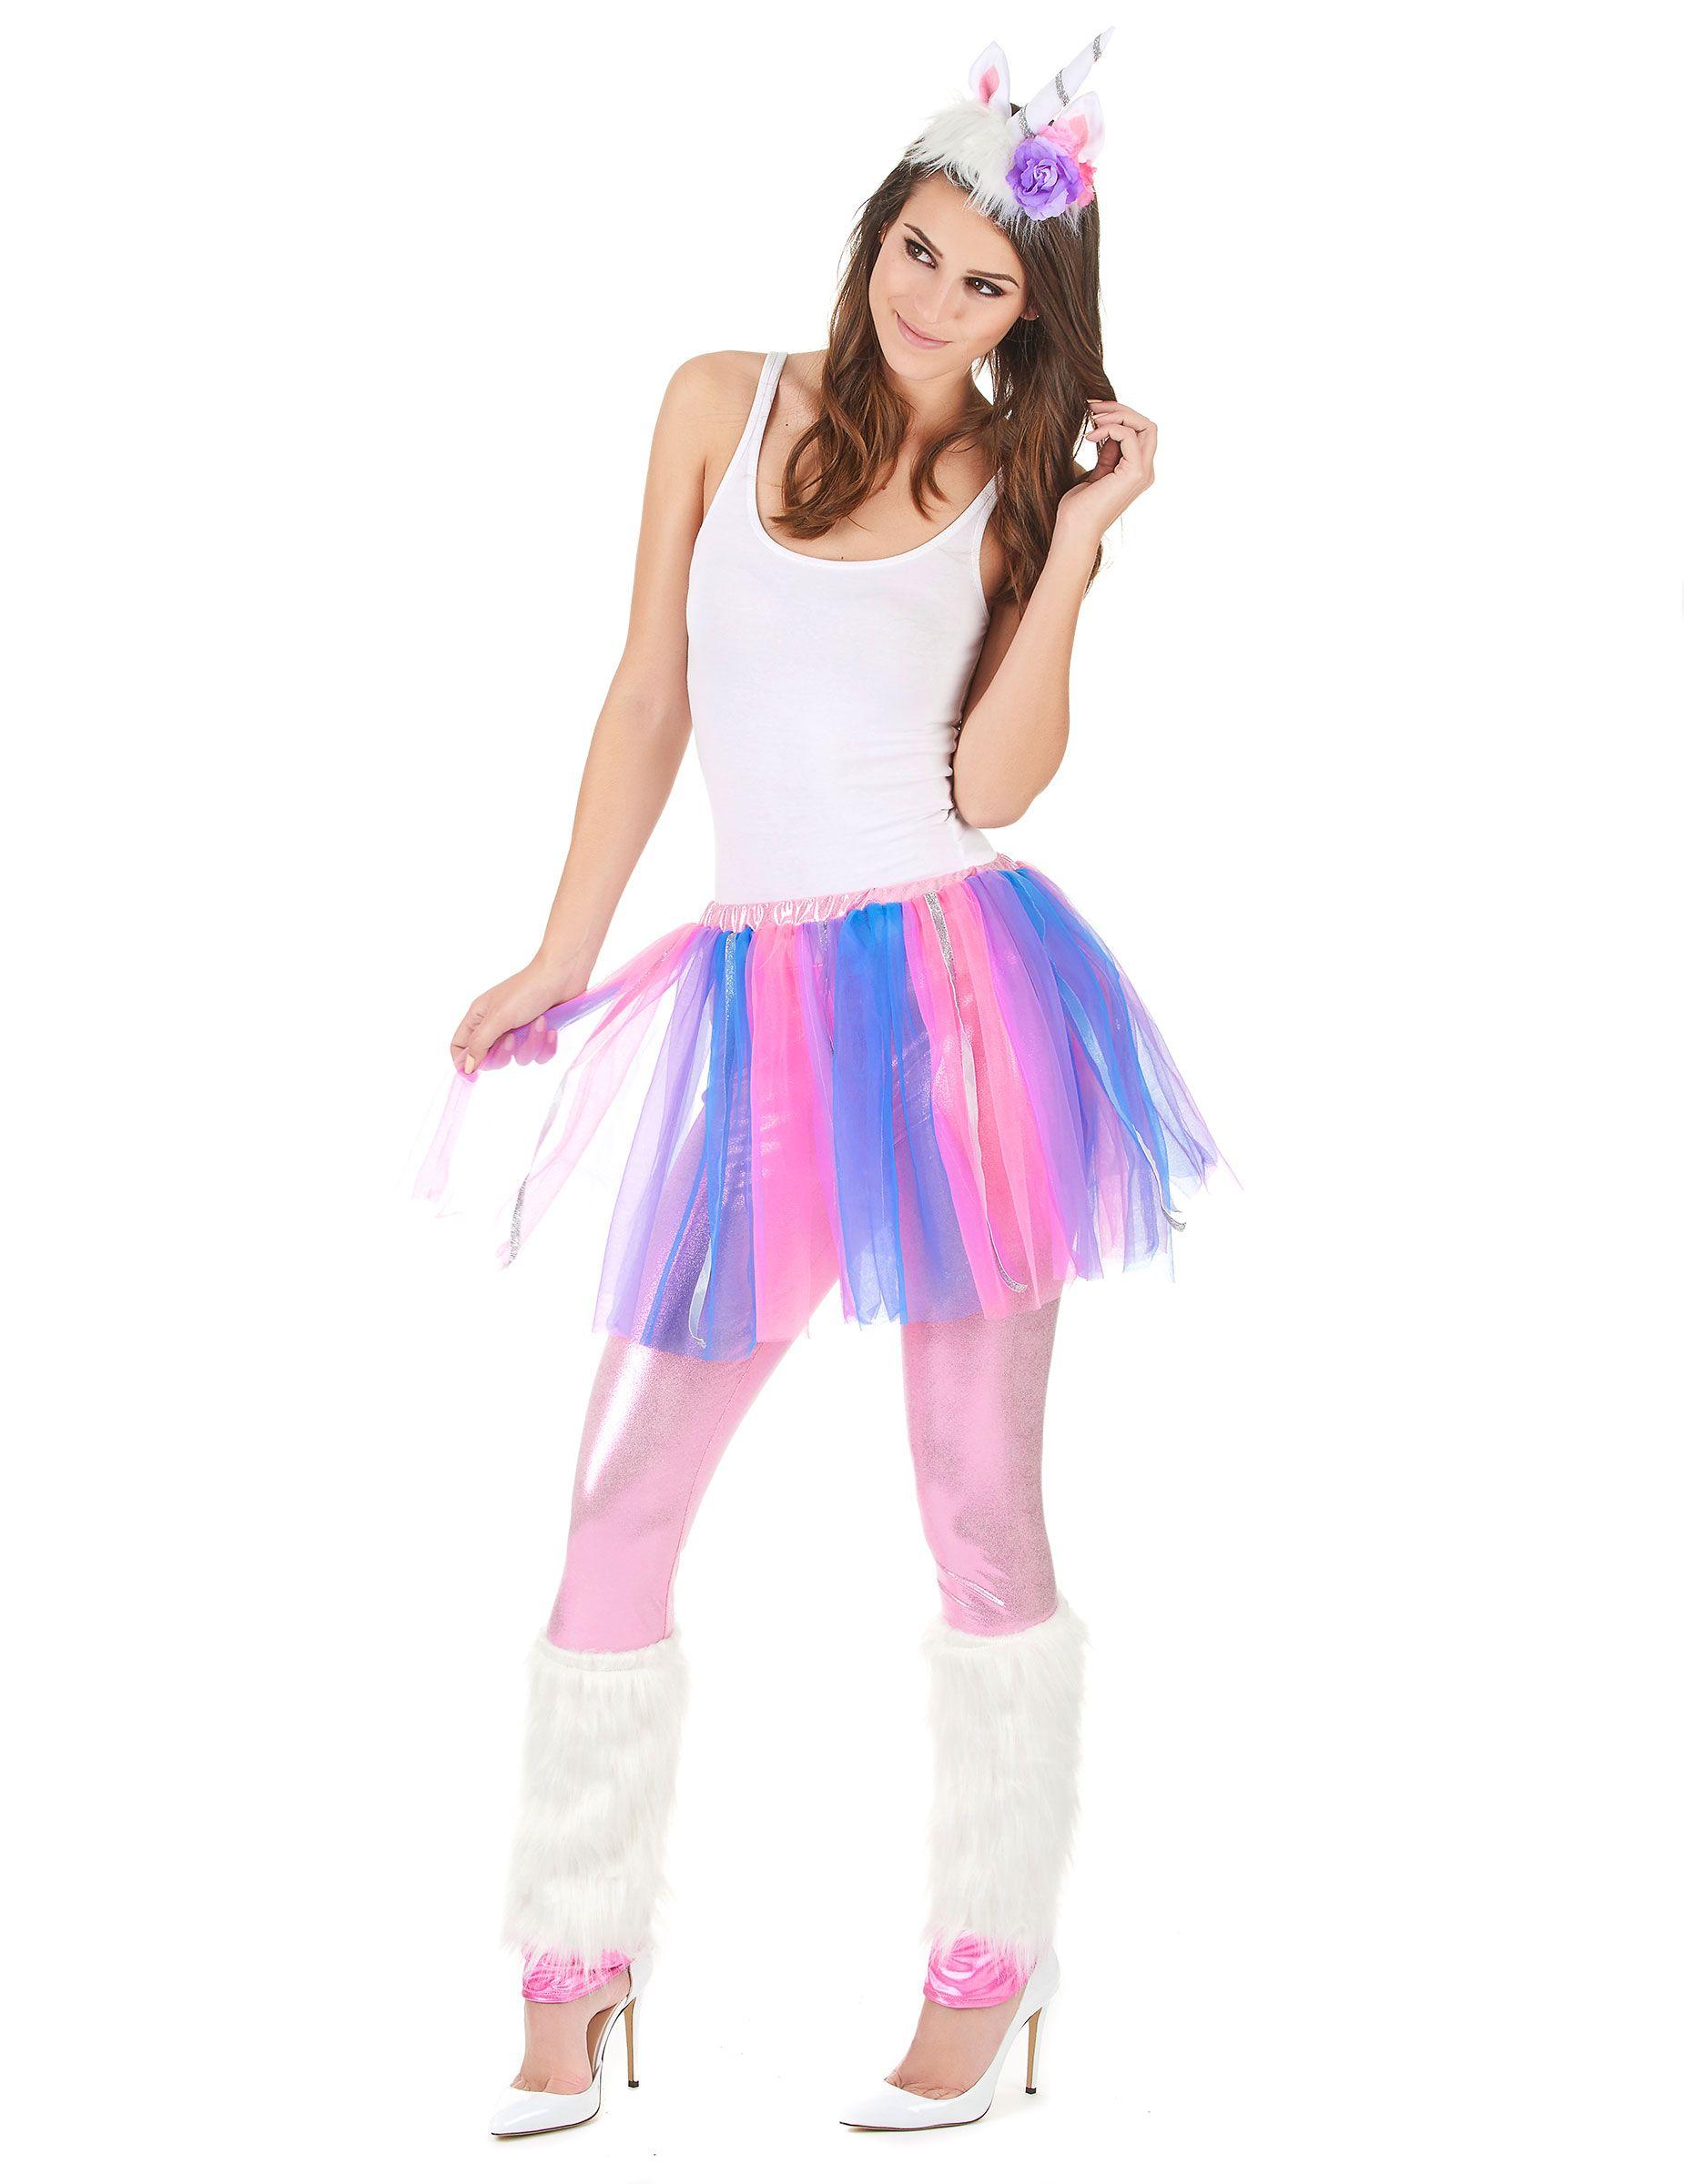 e6d62c7f57e8 Disfraz de unicornio multicolor mujer: Este disfraz de unicornio para mujer  incluye legging, tutú, diadema y calentadores (camiseta, zapatos y peluca  no ...